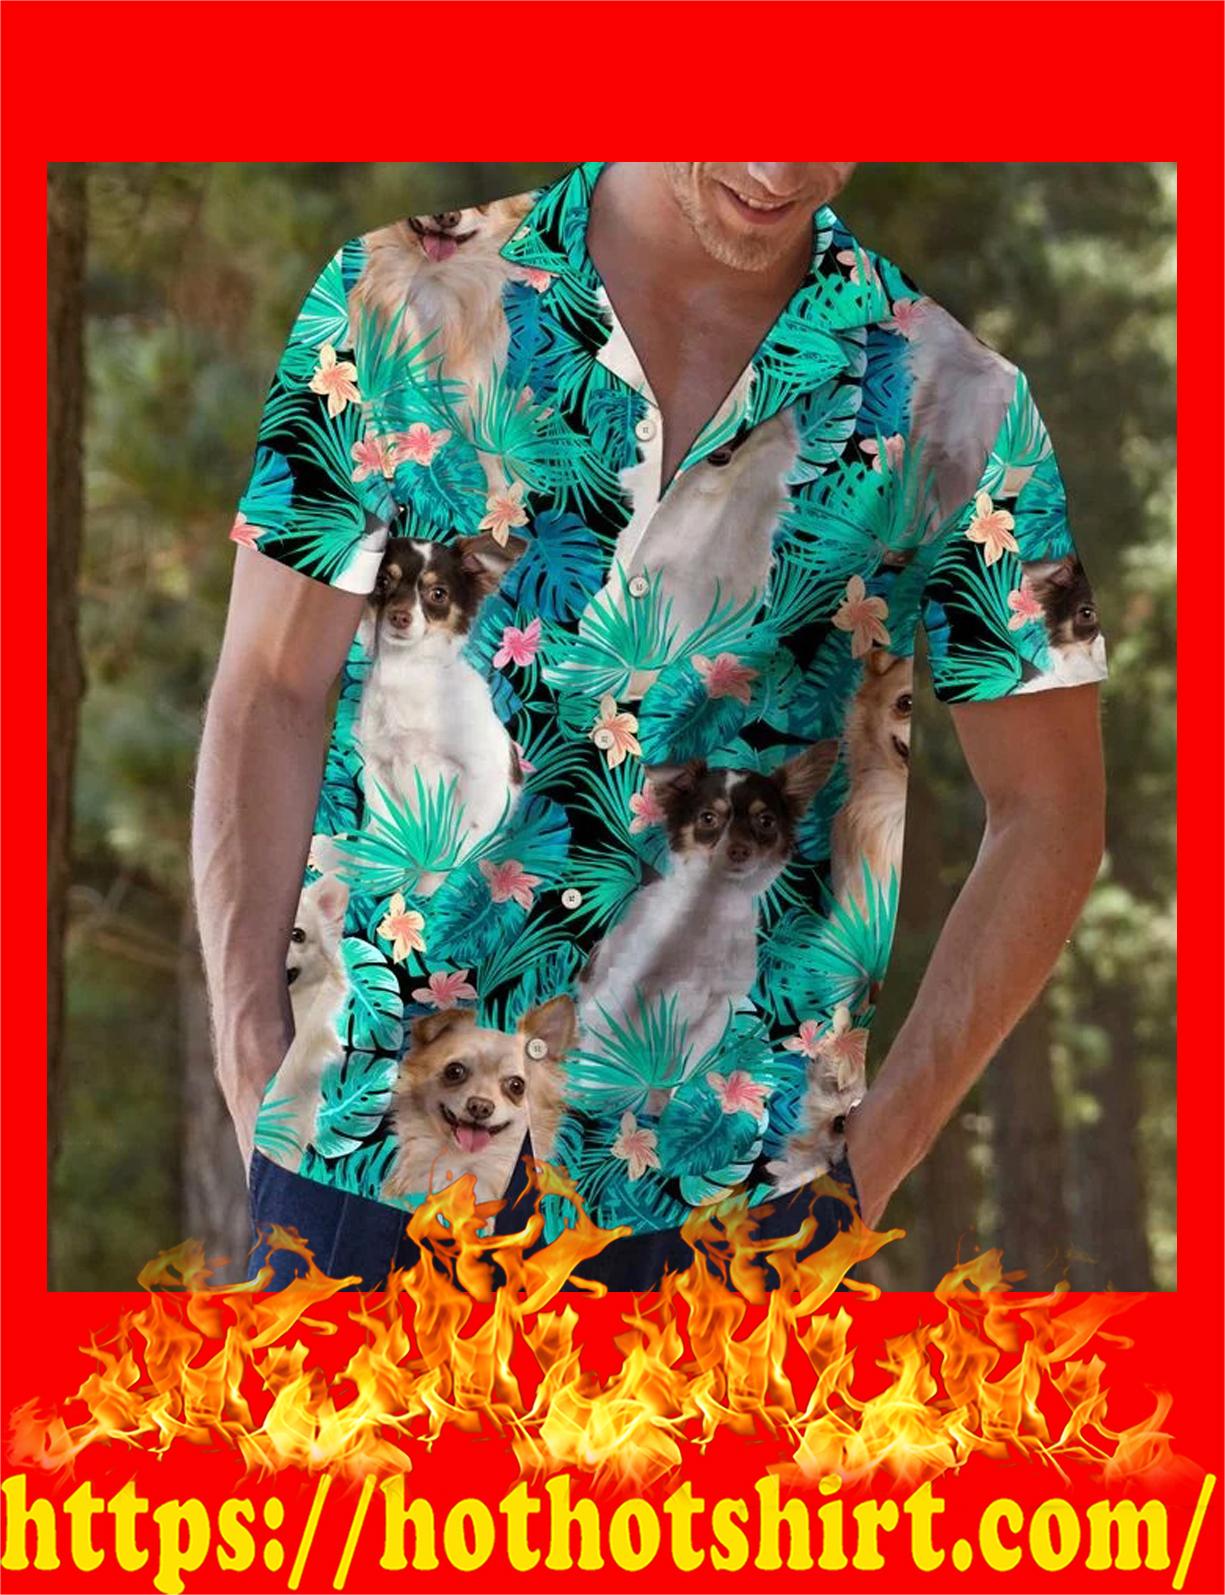 Chihuahua tropical hawaii shirt - ad